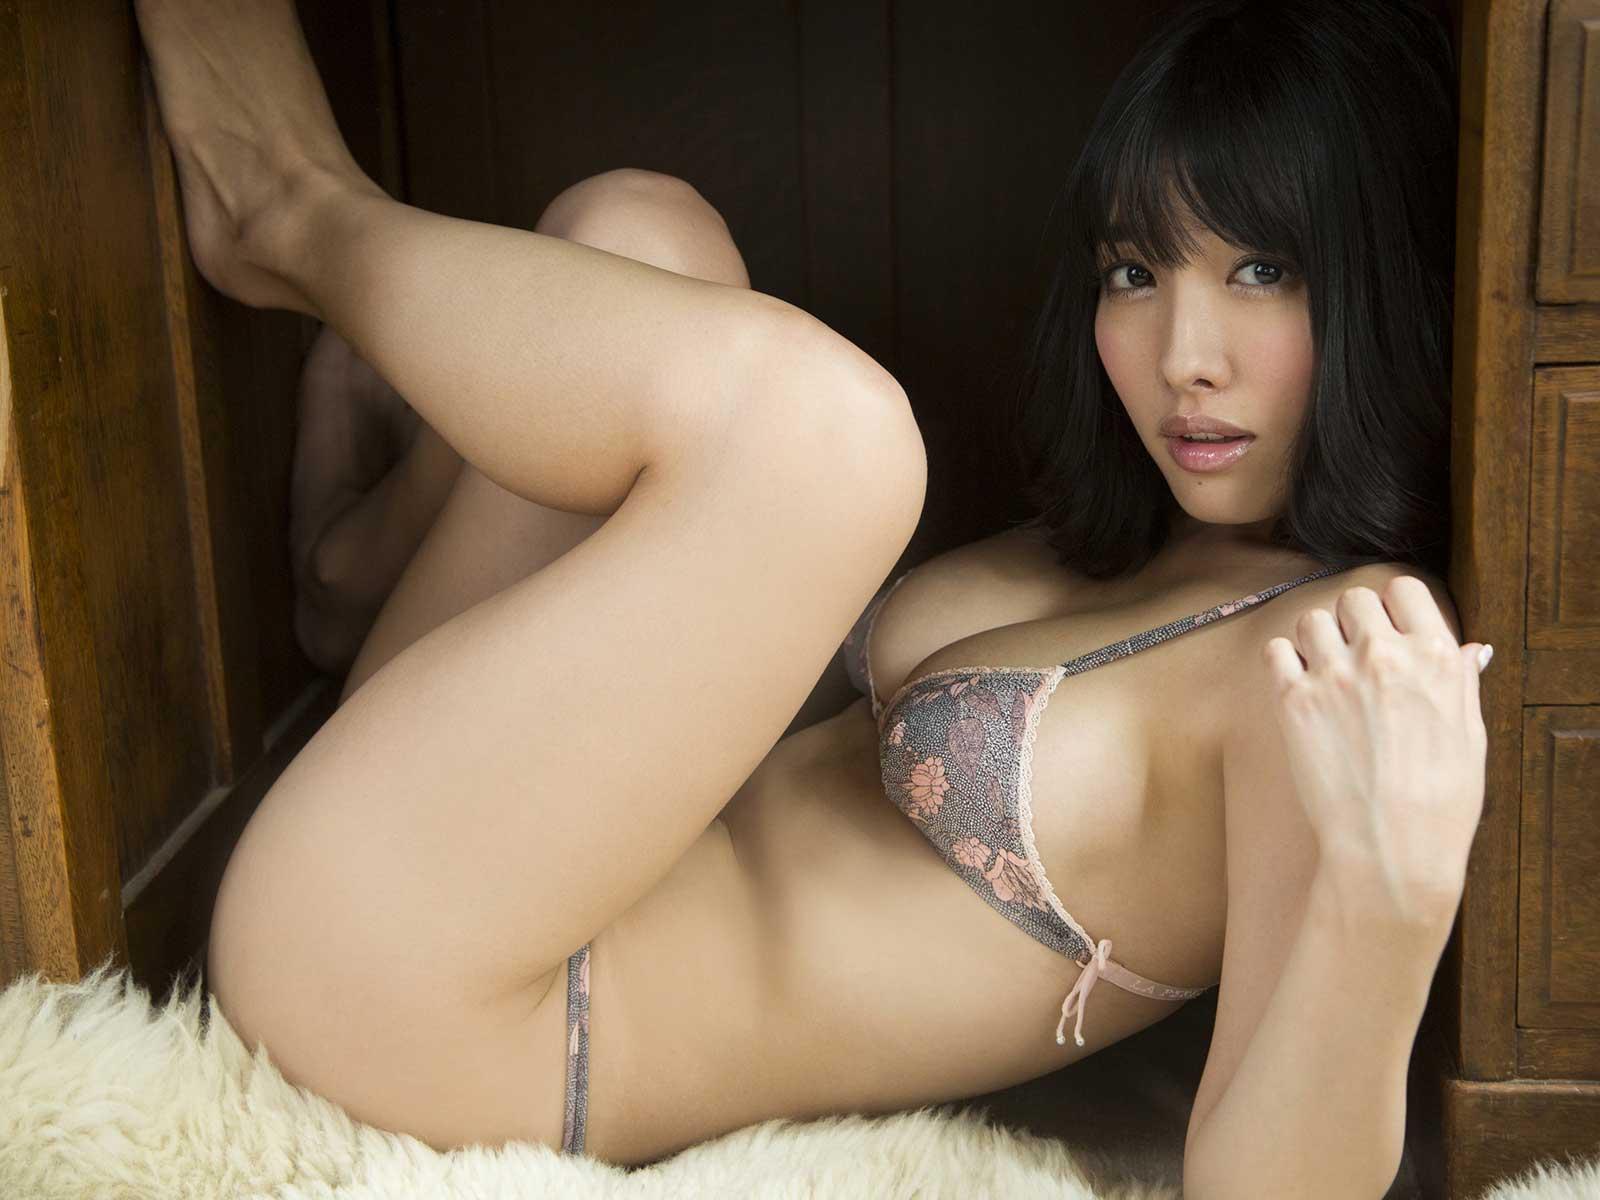 裸舞 gif1